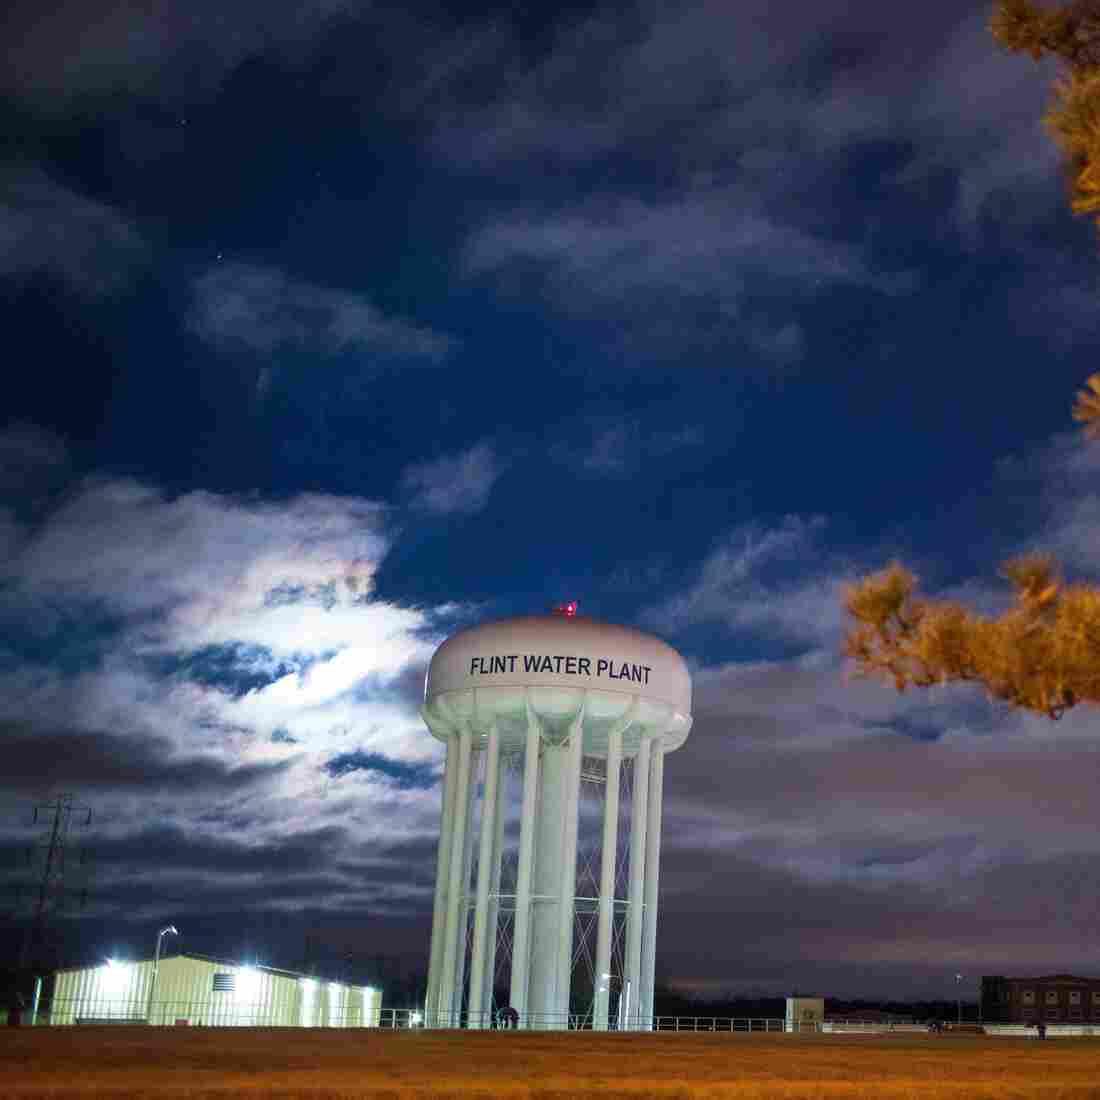 Unpaid Water Bills In Flint Could Hinder Repairs